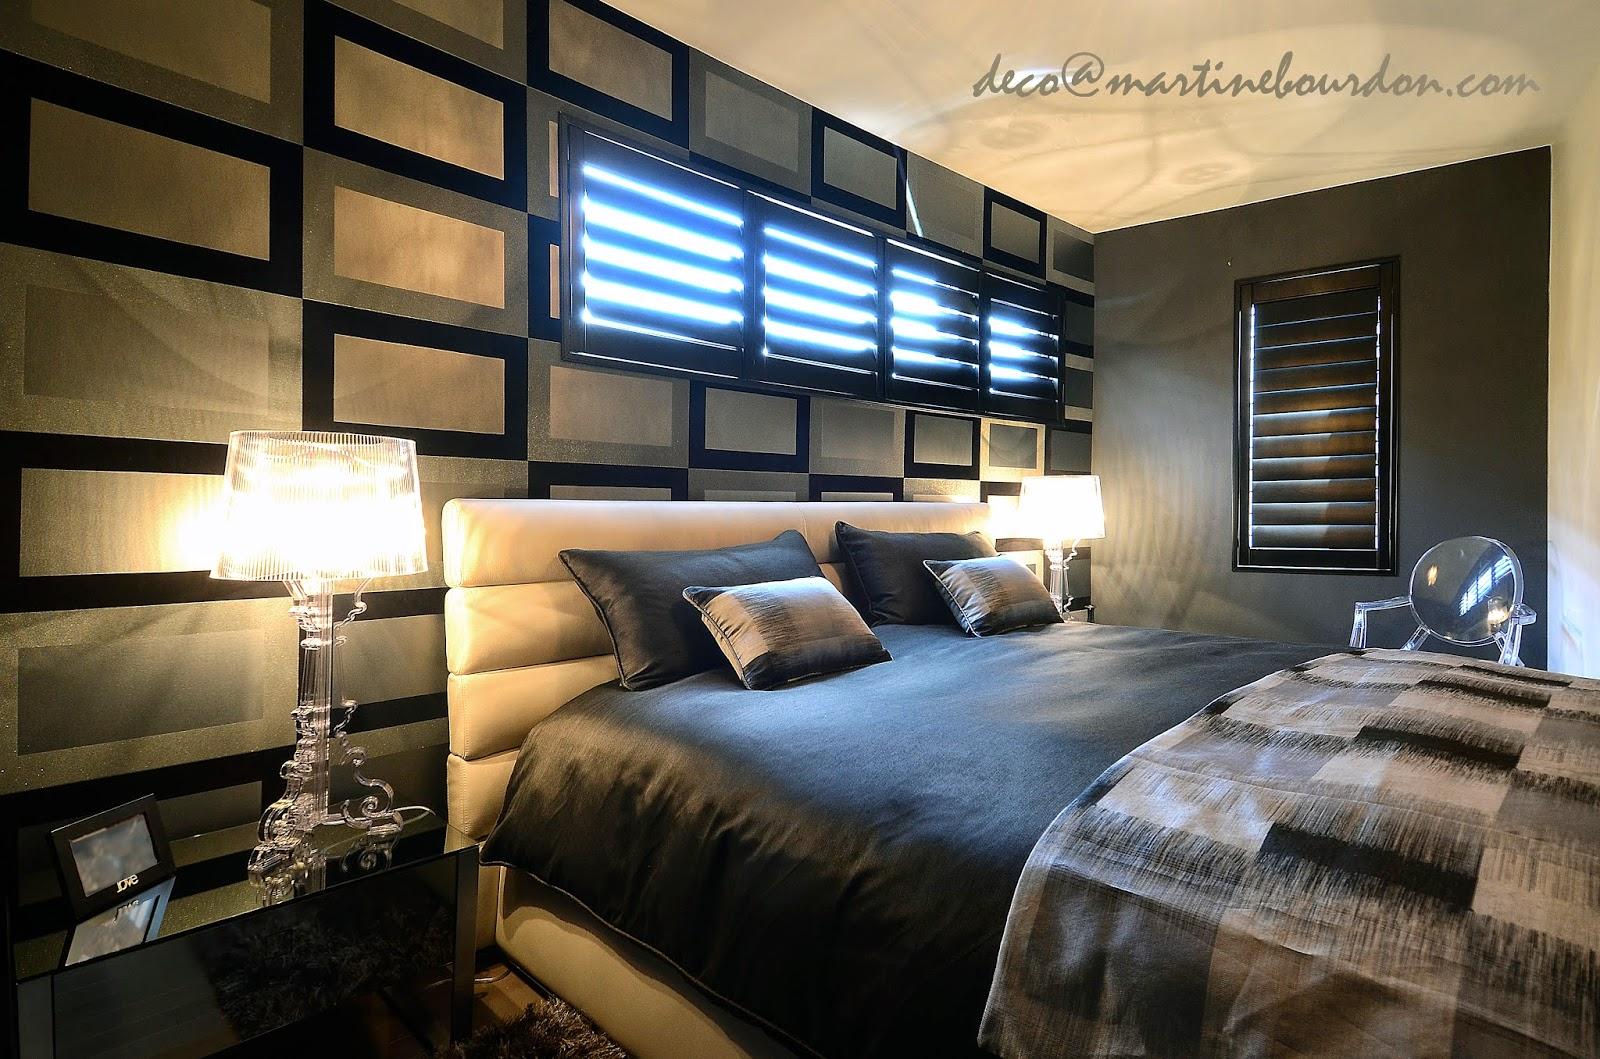 tendance papier peint chambre. Black Bedroom Furniture Sets. Home Design Ideas